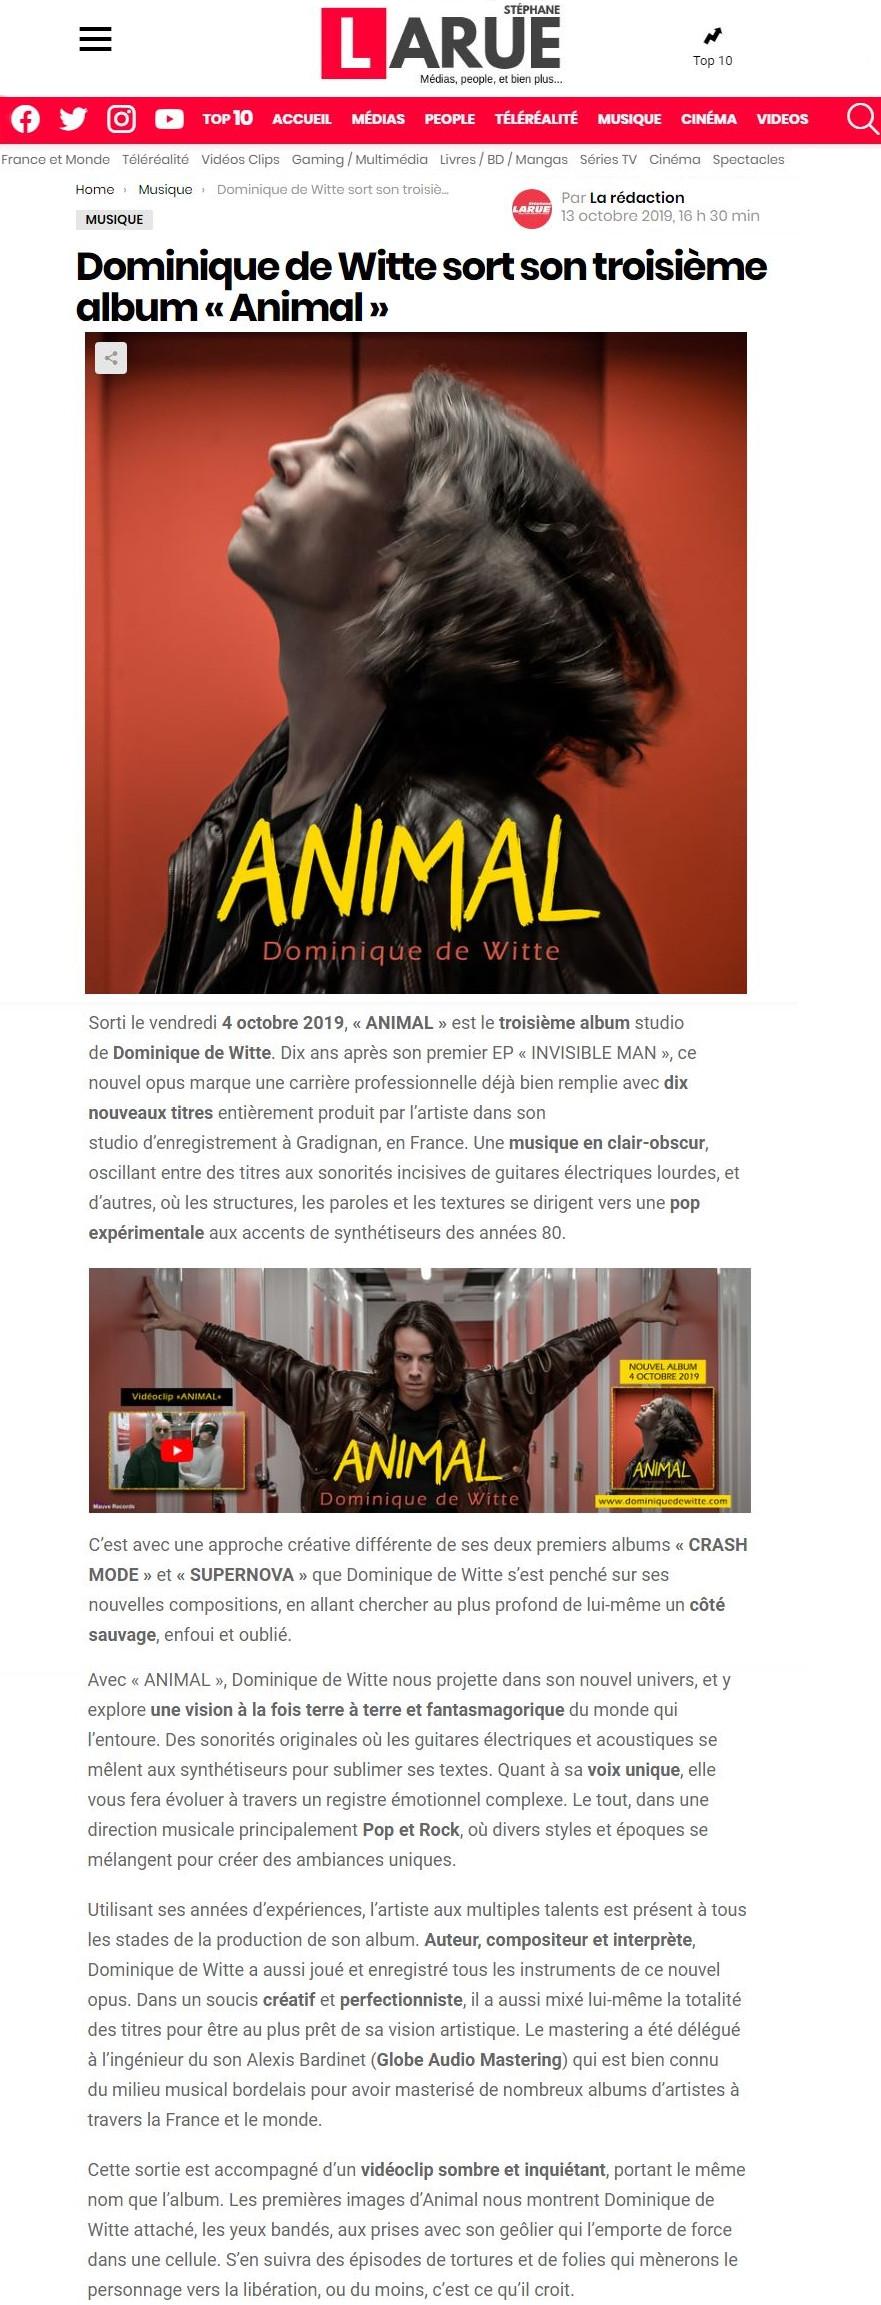 Dominique de Witte - Journaliste People Stéphane Larue - 3e album ANIMAL - 13.10.2019 - PRESSE